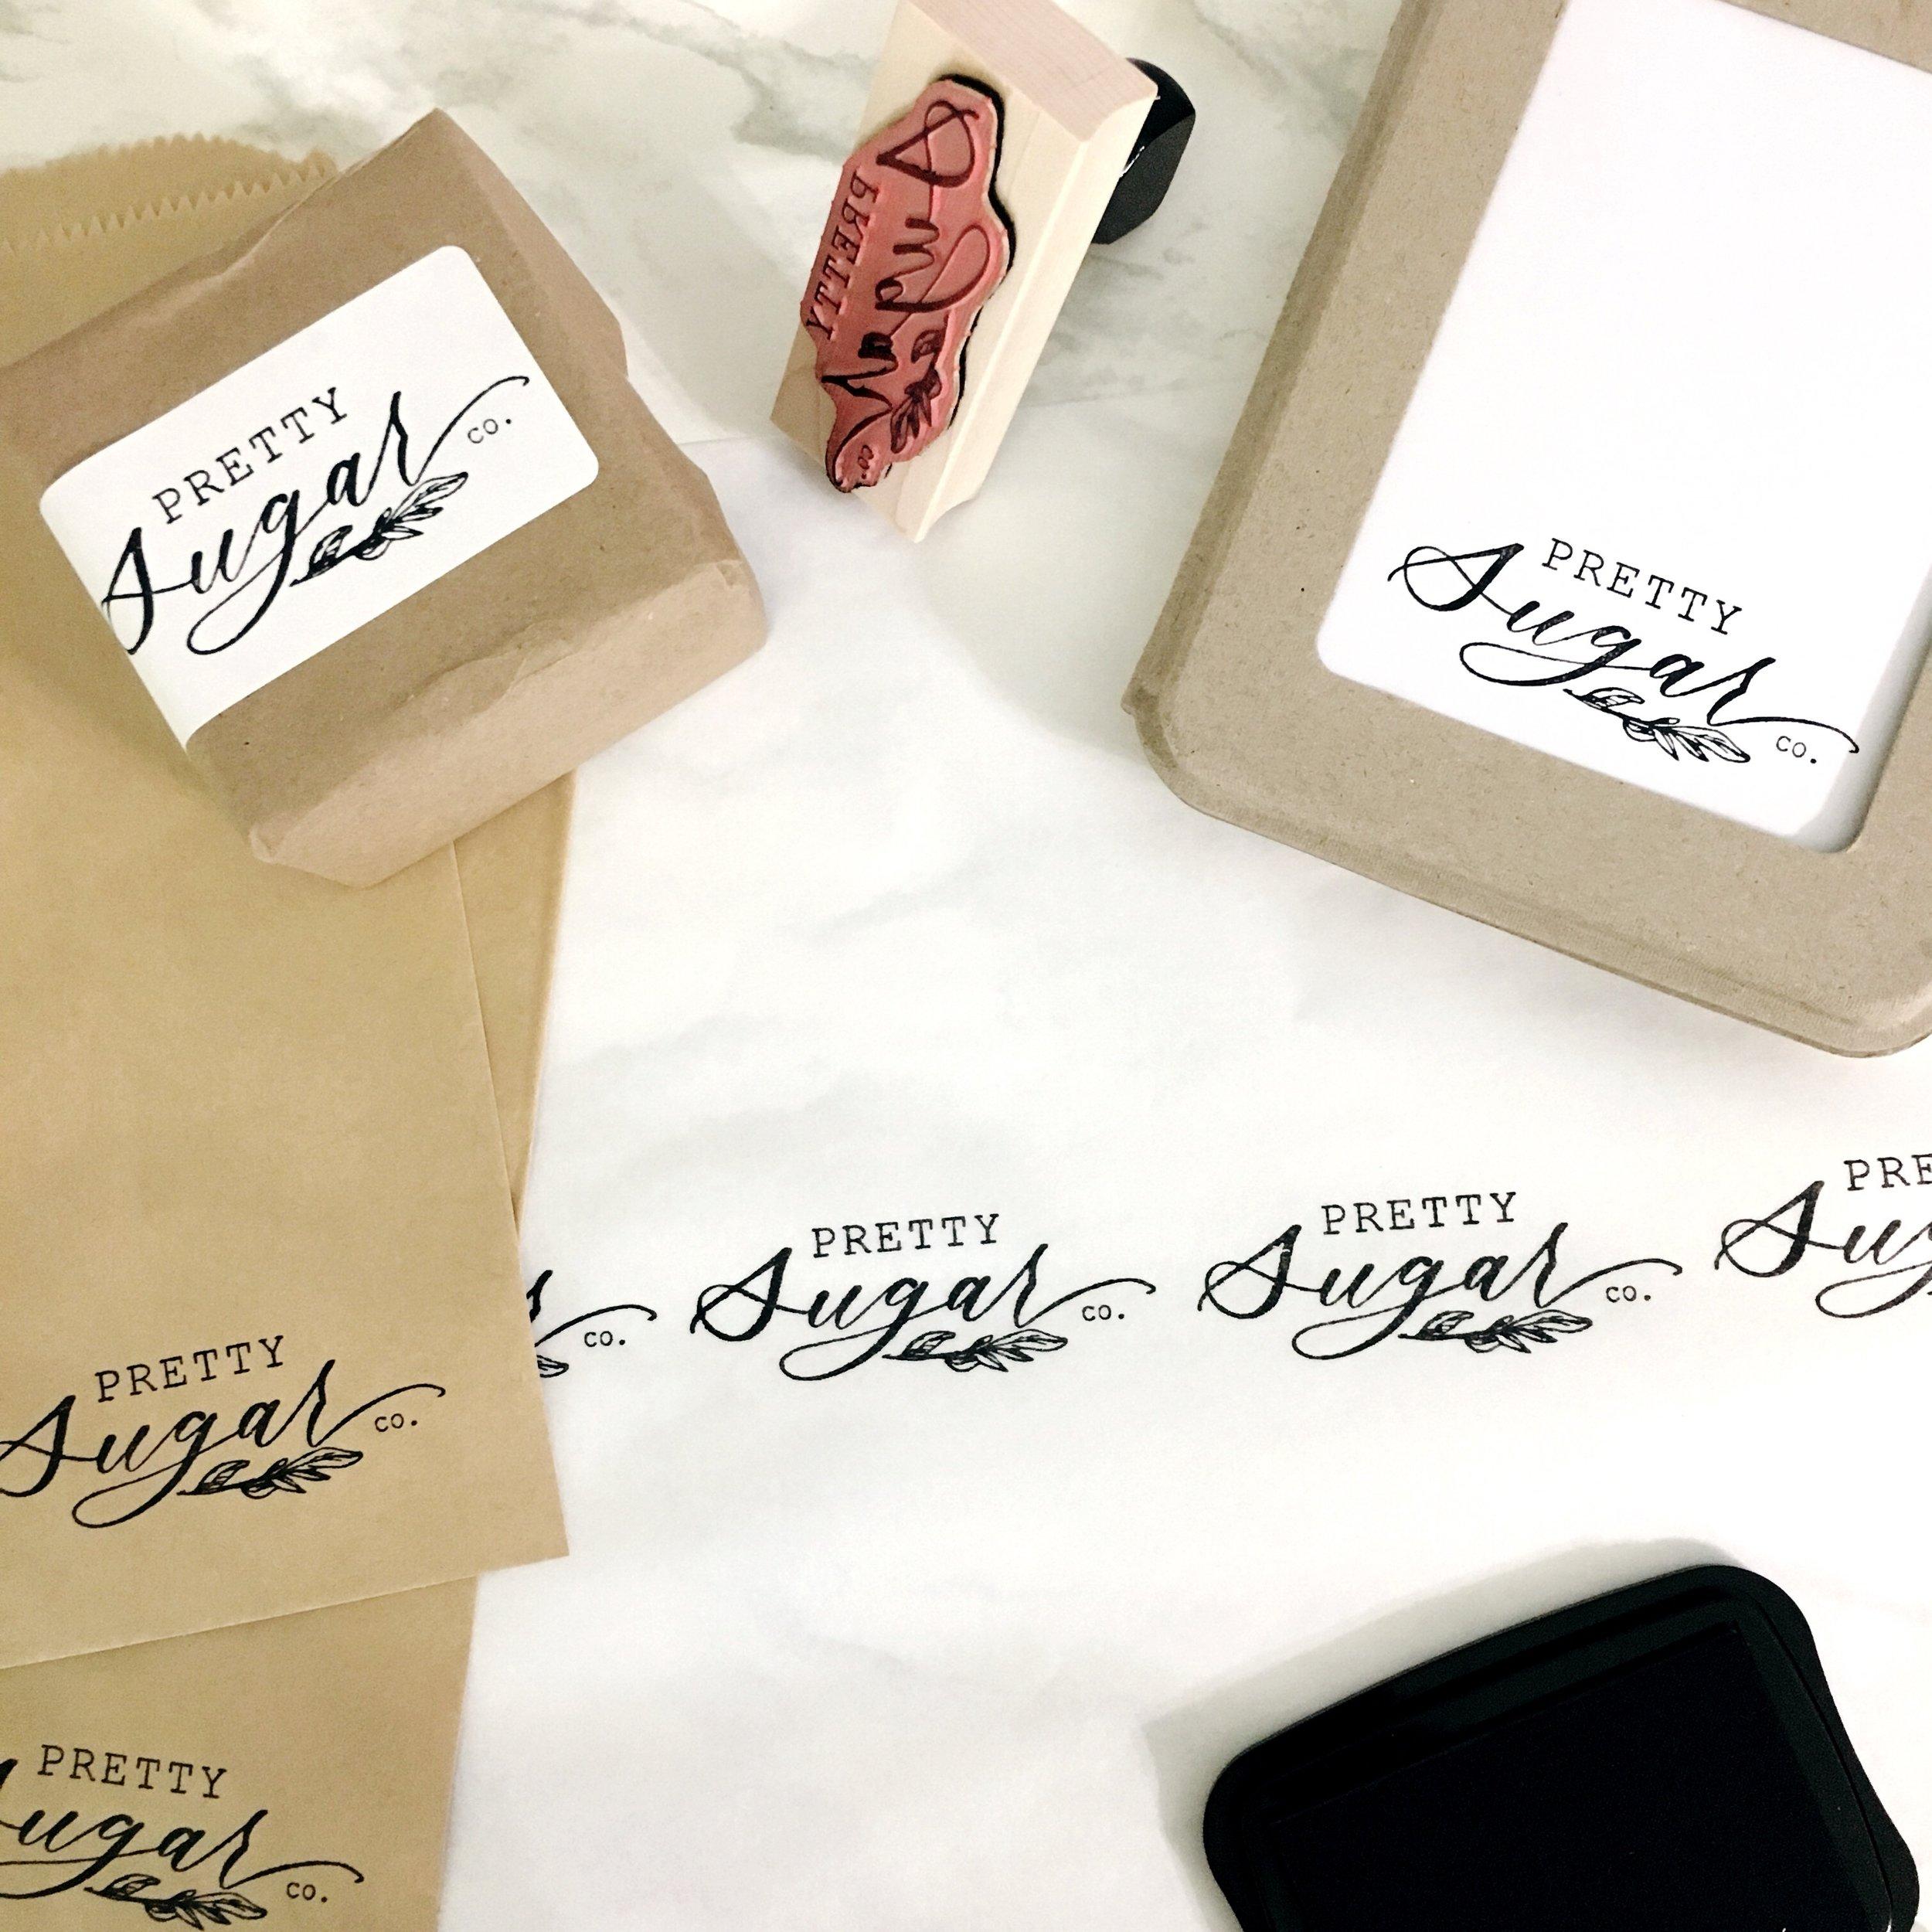 Creatiate Stamps Packaging Ideas - The Creatiate DIY Blog _0496.jpg